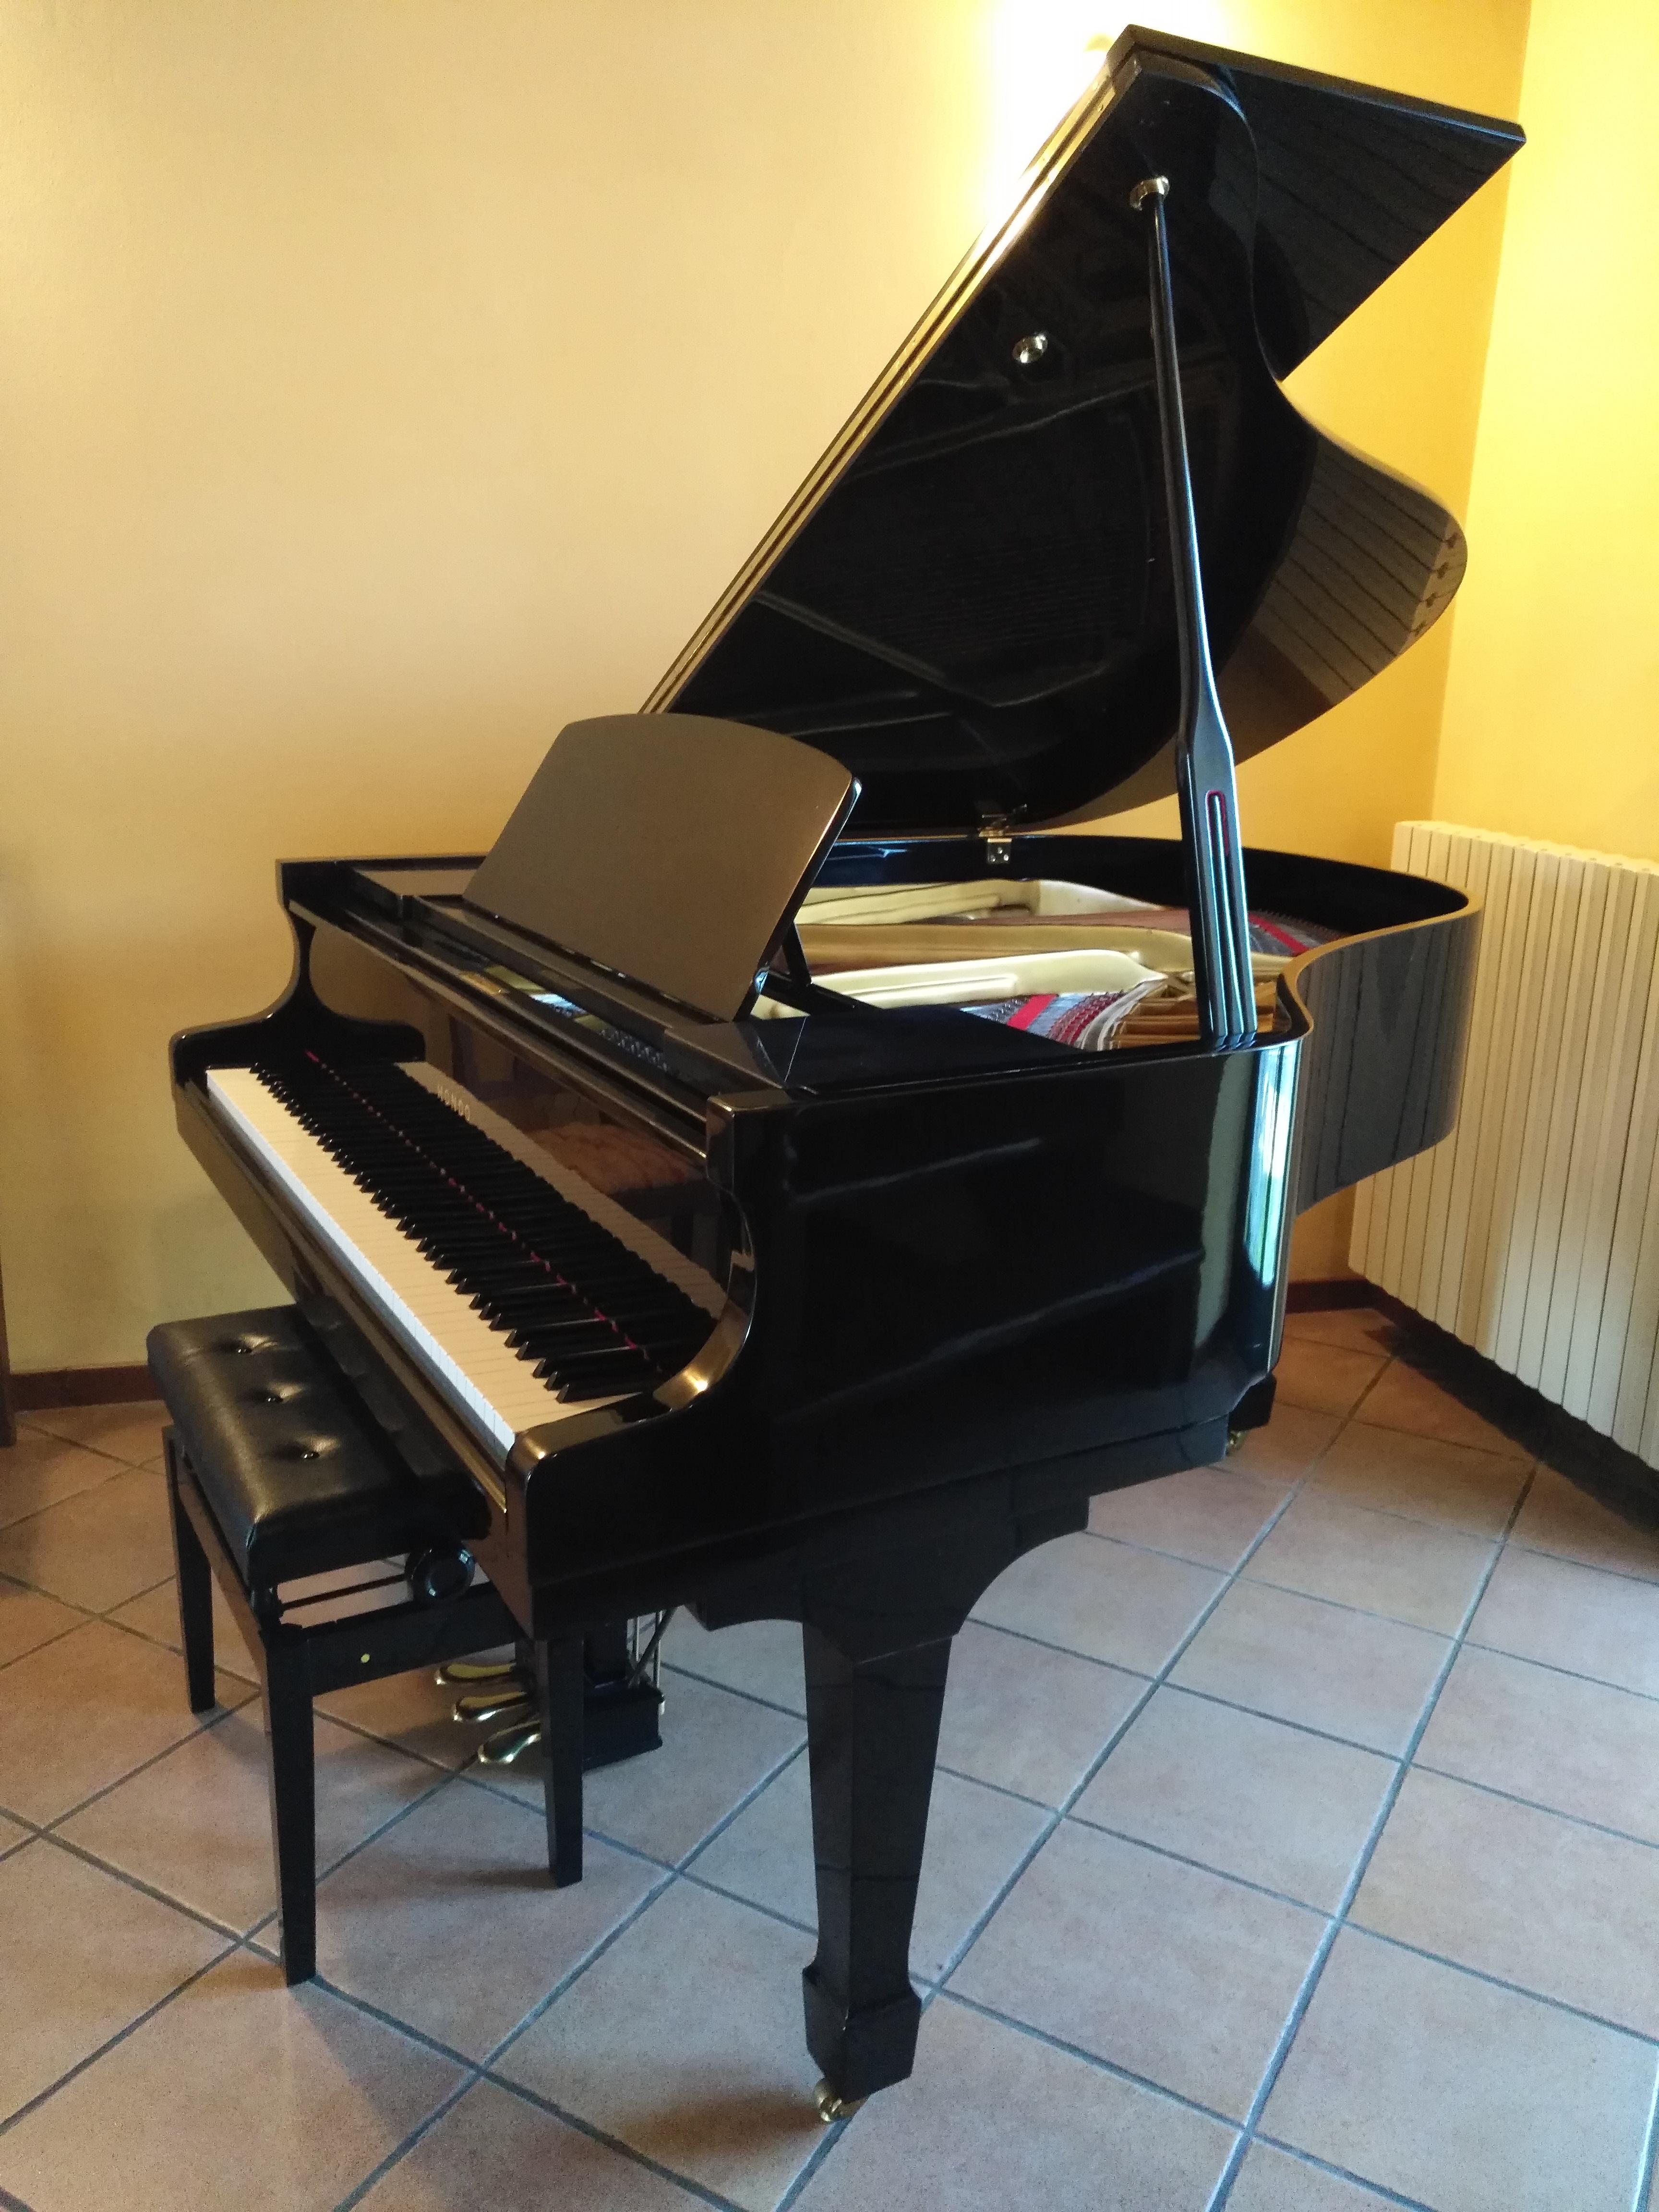 PIANOFORTE 1/4 CODA SEMINUOVO- OCCASIONE GIAPPONESE- PIANOFORTE A CODA SUPER OCCASIONE MADE IN JAPAN- PIANOFORTE A CODA